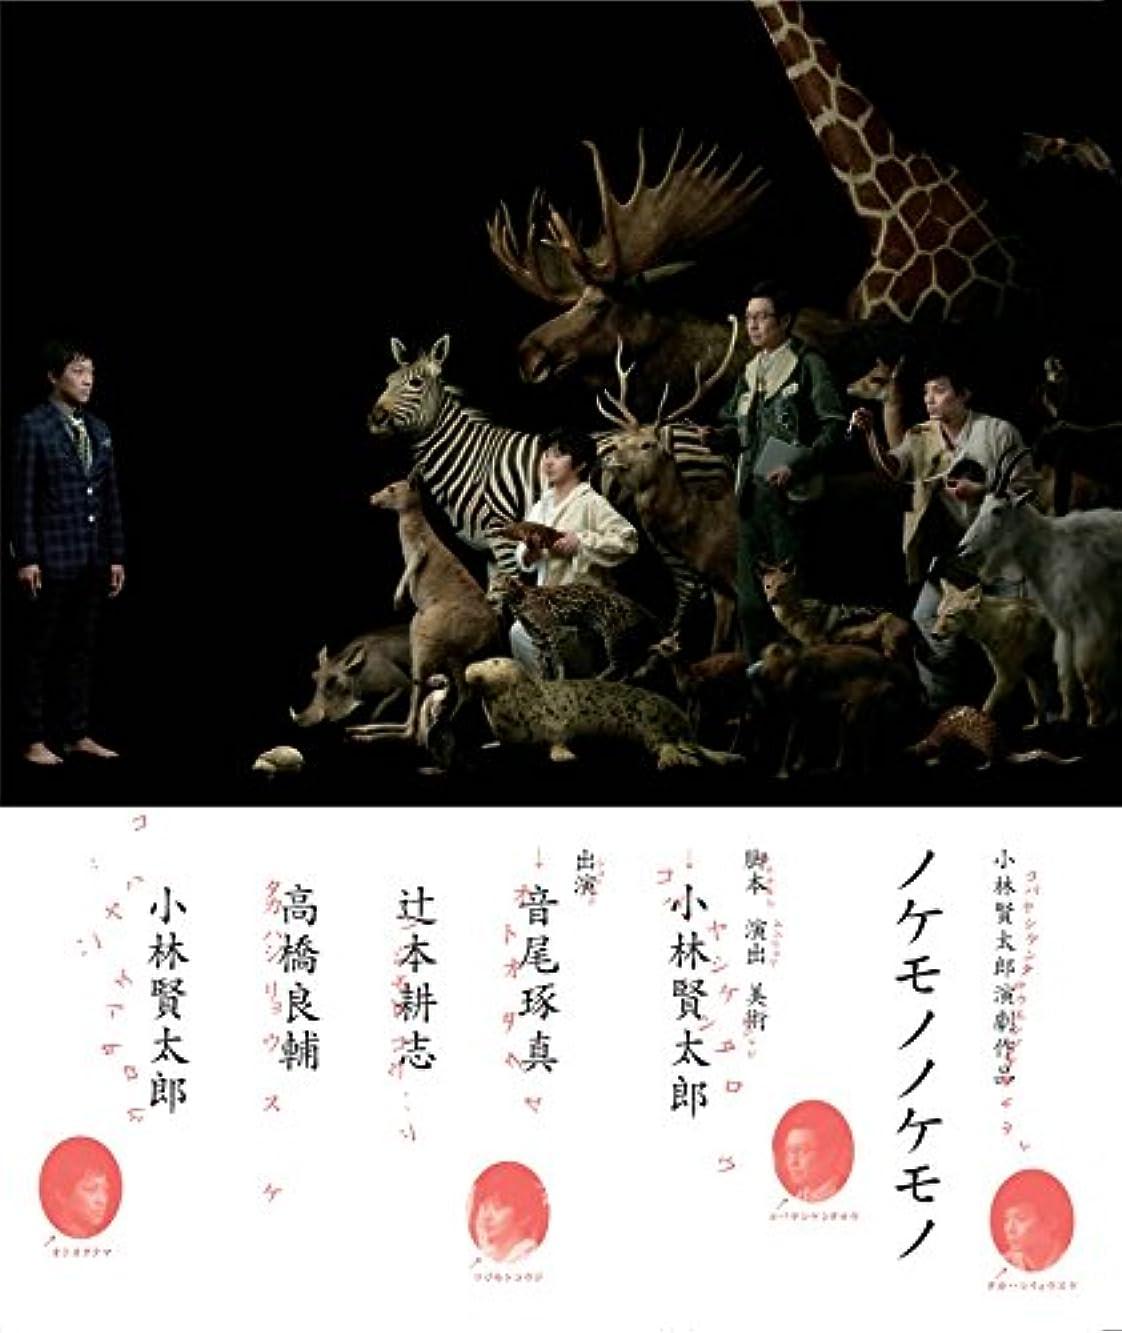 医療過誤チェス変装小林賢太郎コント公演 カジャラ#2『裸の王様』Blu-ray [Blu-ray]